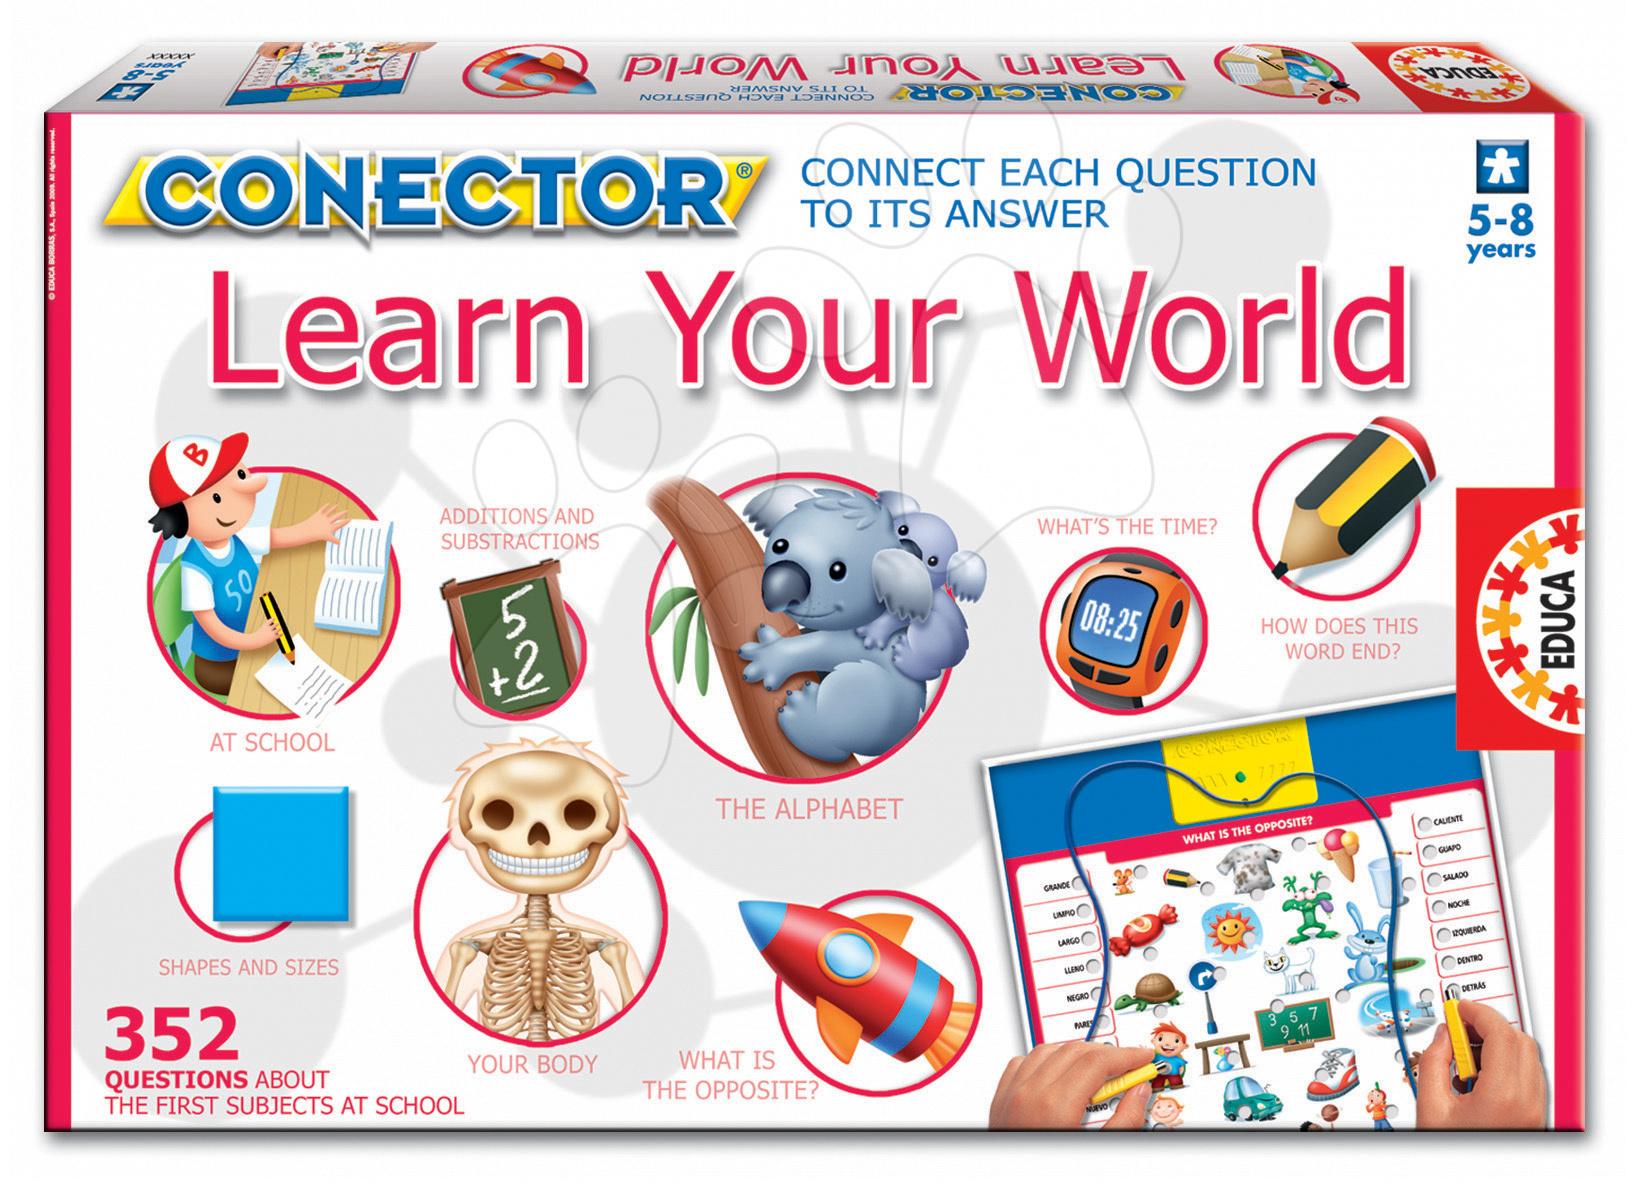 Naučná hra Conector Learn Your World Educa 352 otázek v angličtině od 5 let